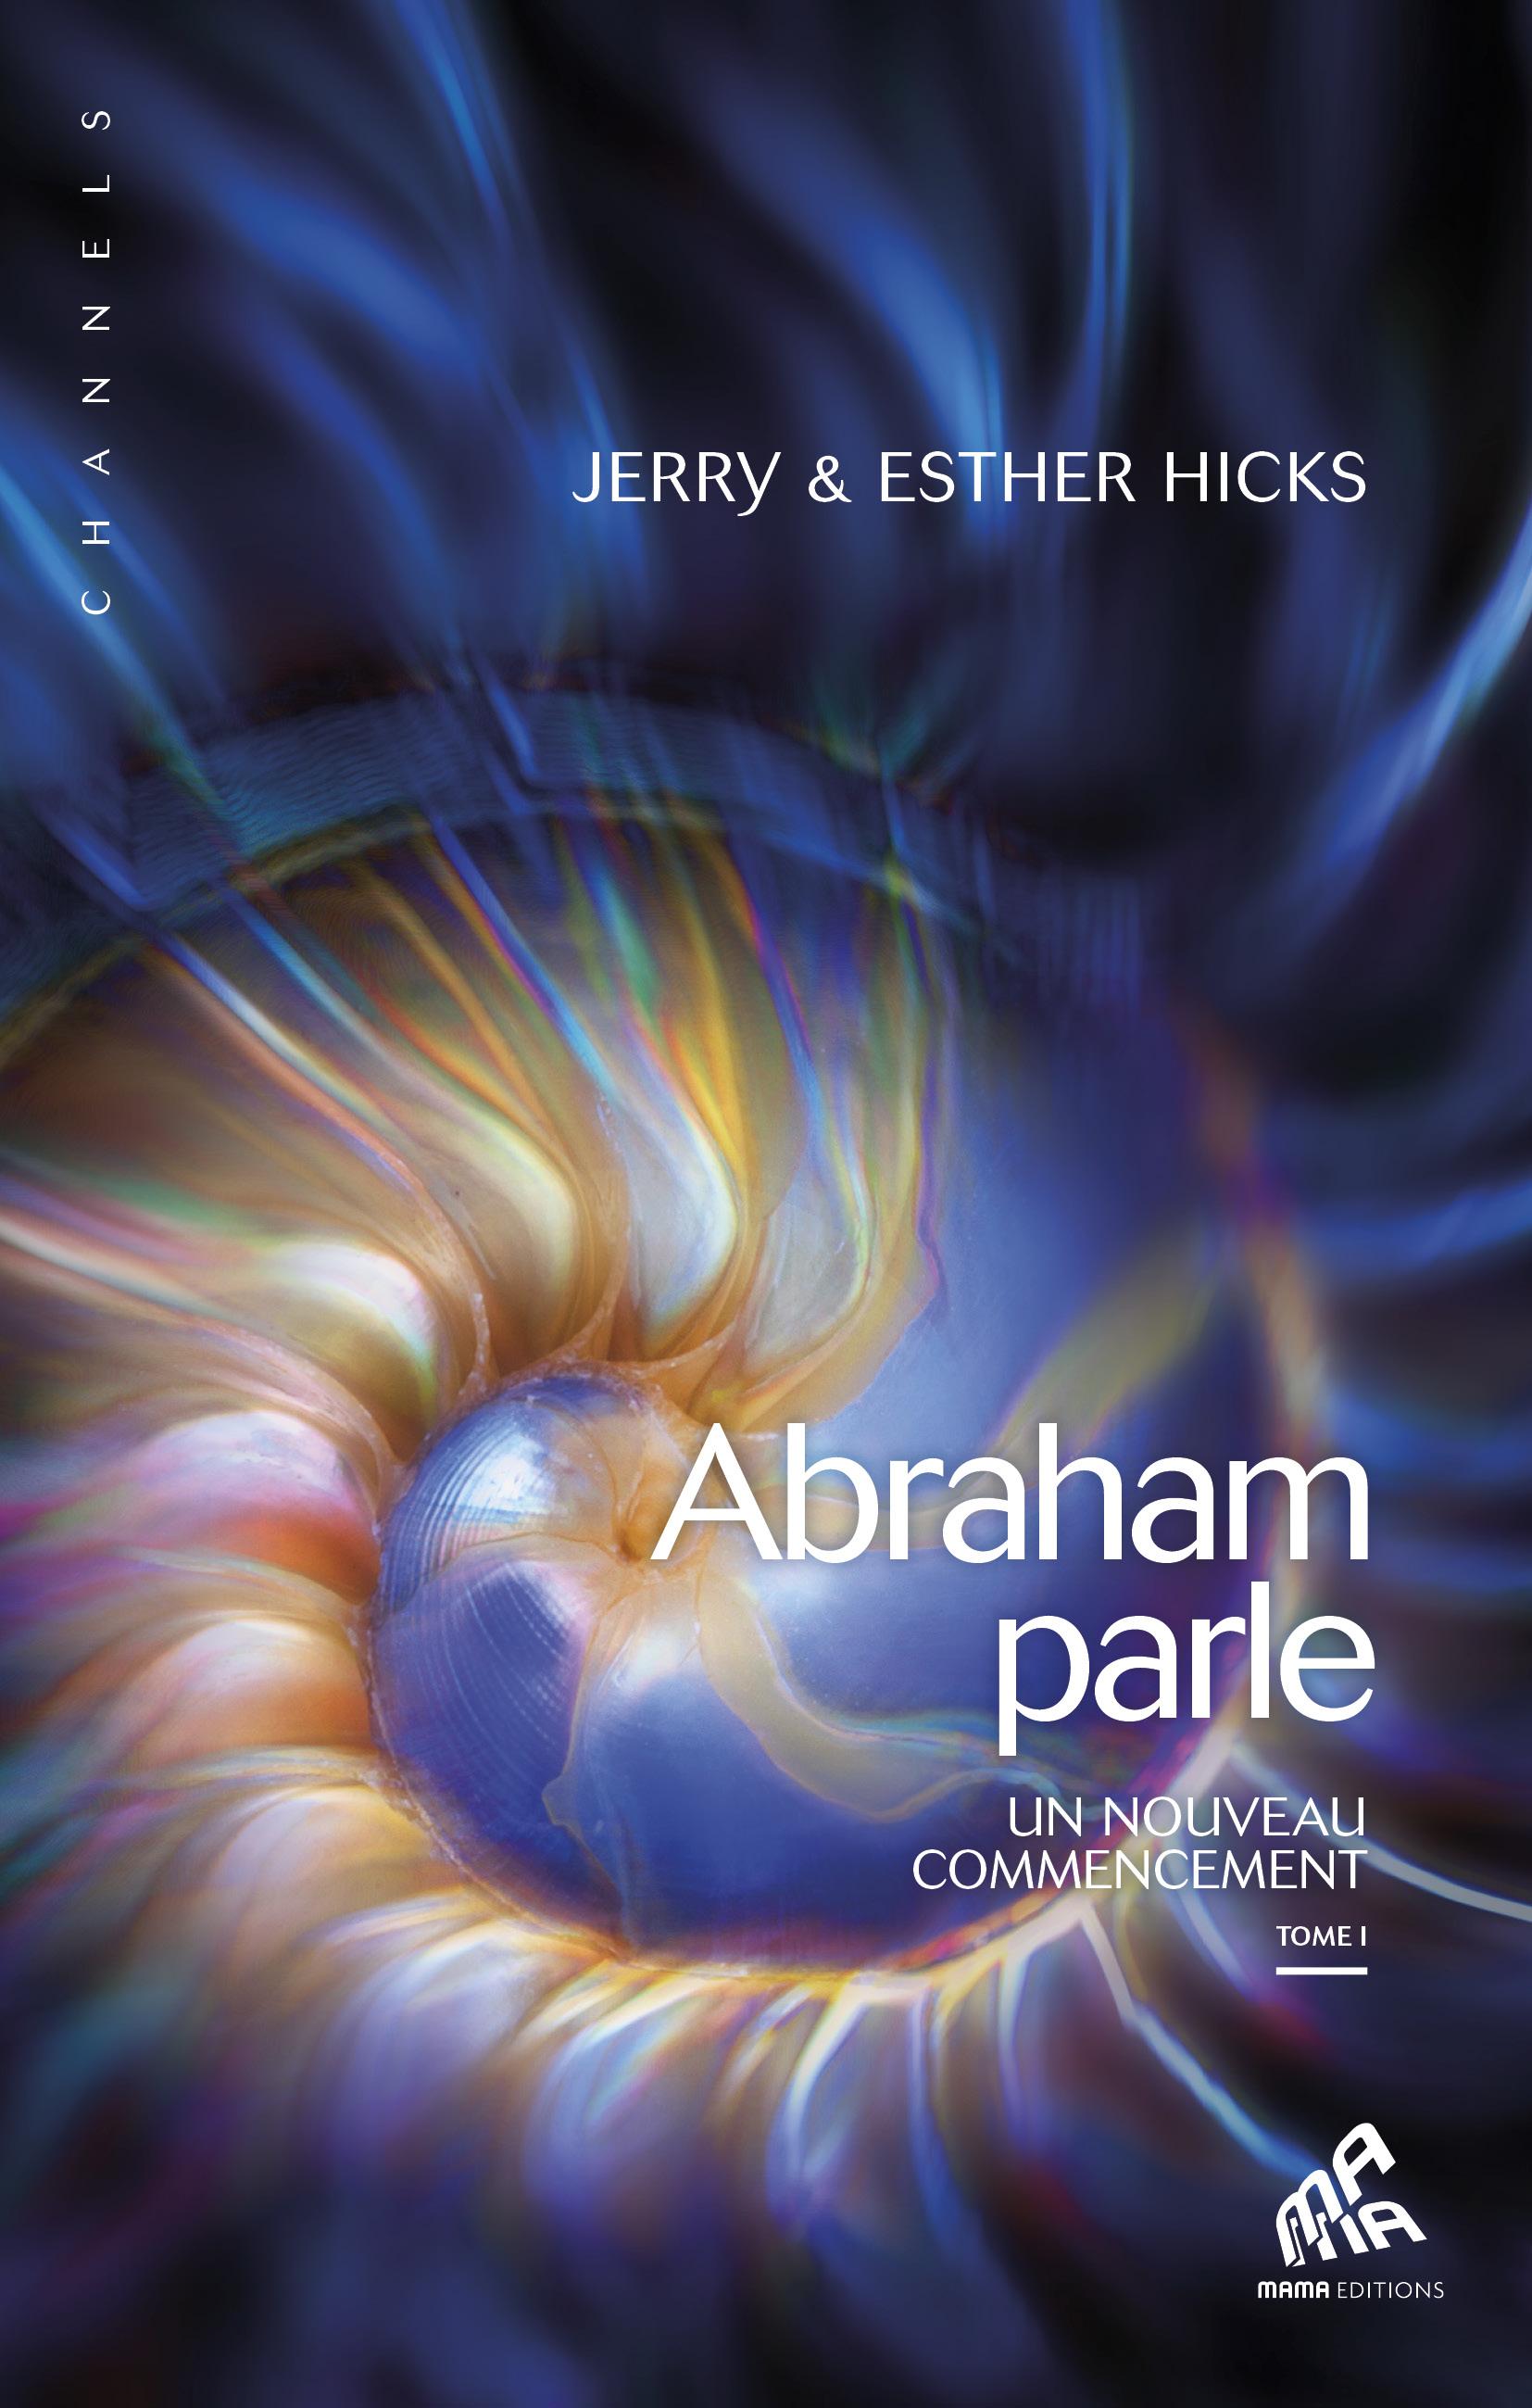 Vignette du livre Abraham parle, Tome I